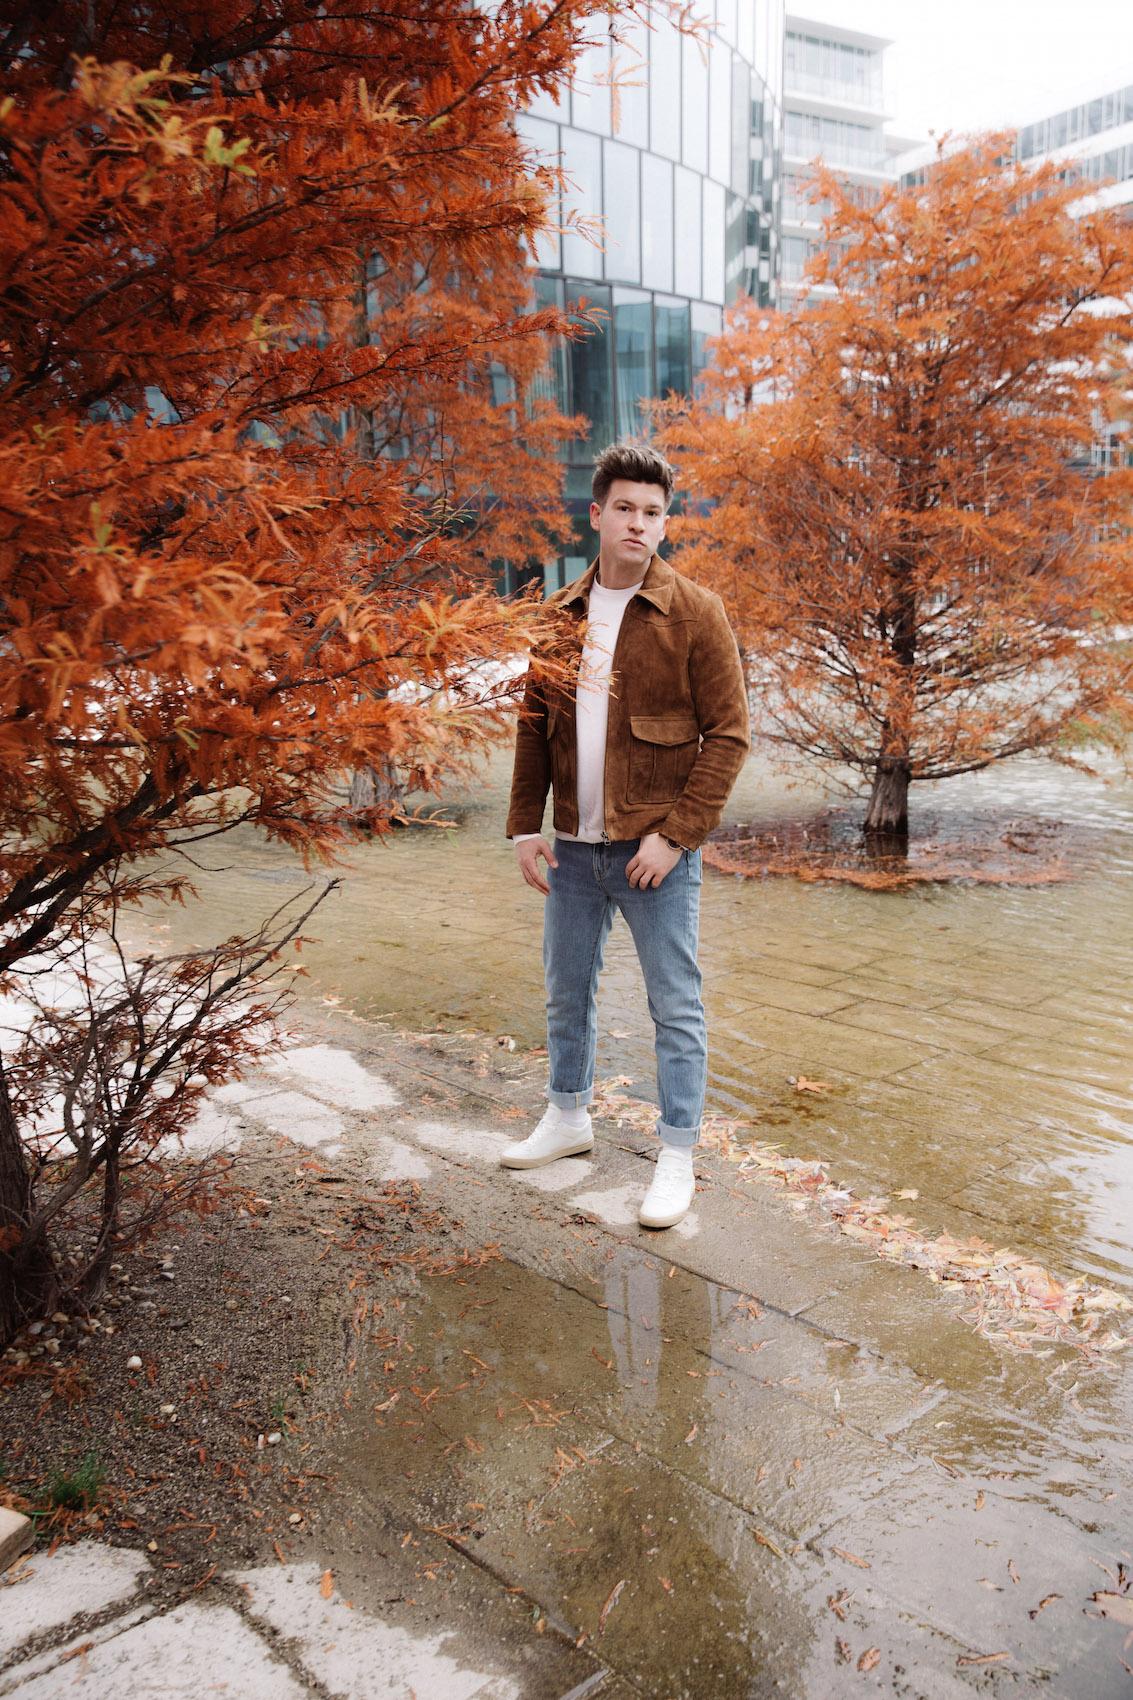 weekday Herbstoutfit Wildlederjacke 90er Jahre Jeans und Stickpulli Outfitpost von Meanwhile in Awesometown - Wiener Männermode und Lifestyle Blogger16